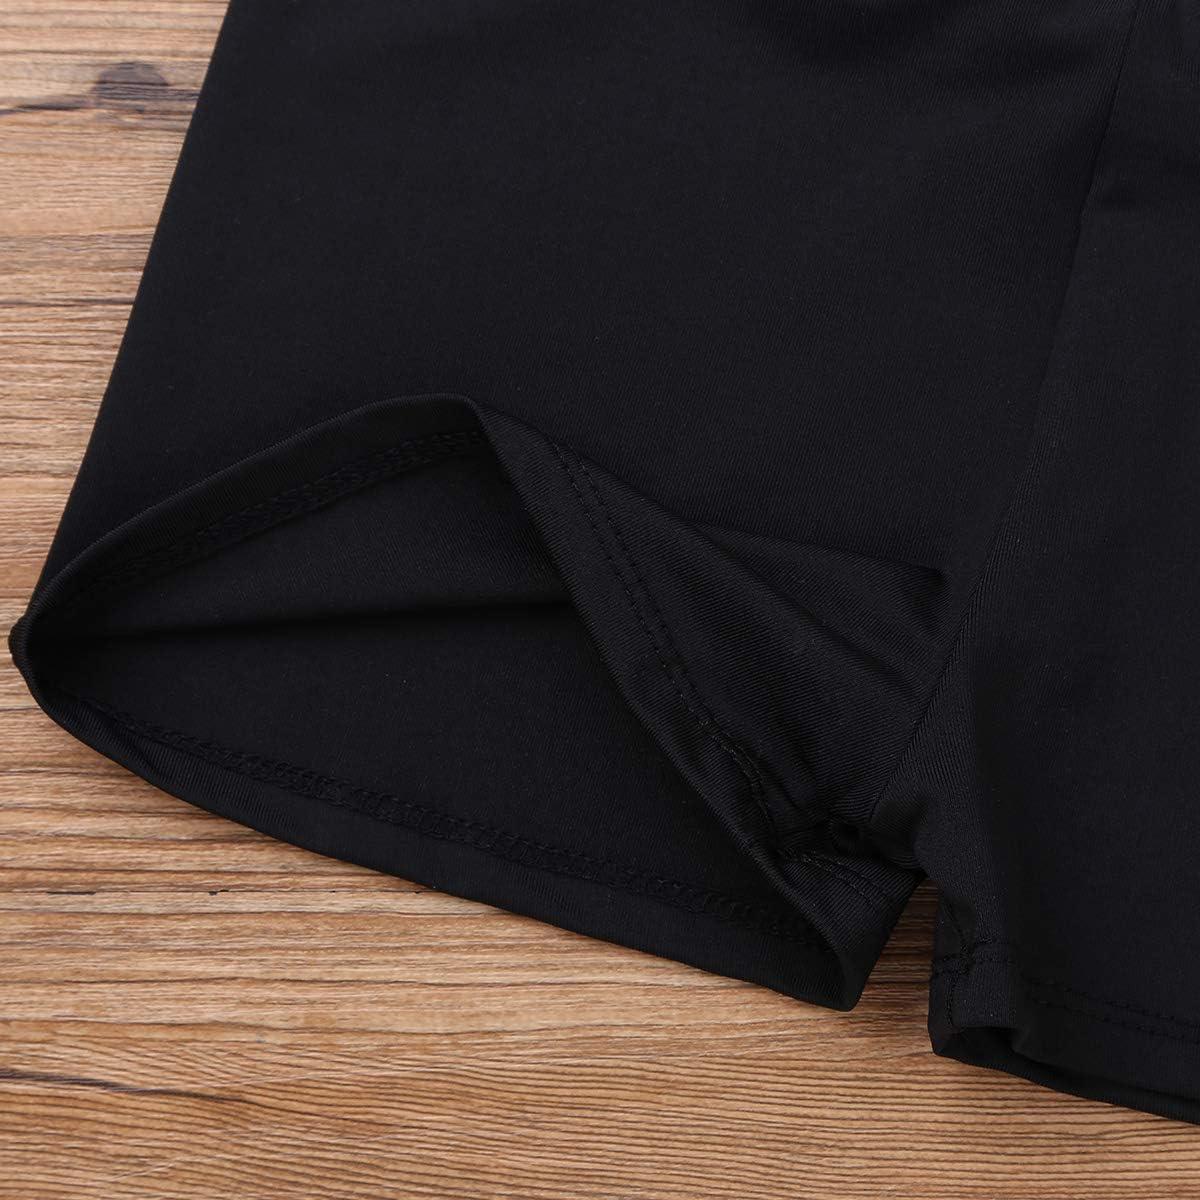 YiZYiF Pantaloncini Sportivi per Bambine e Ragazza Pantaloni Corti Molto Strech Culotte Shorts Hot Pants da Bimba Boxer Briefs Boxershorts a Vita Alta Intimo Fitness Sport